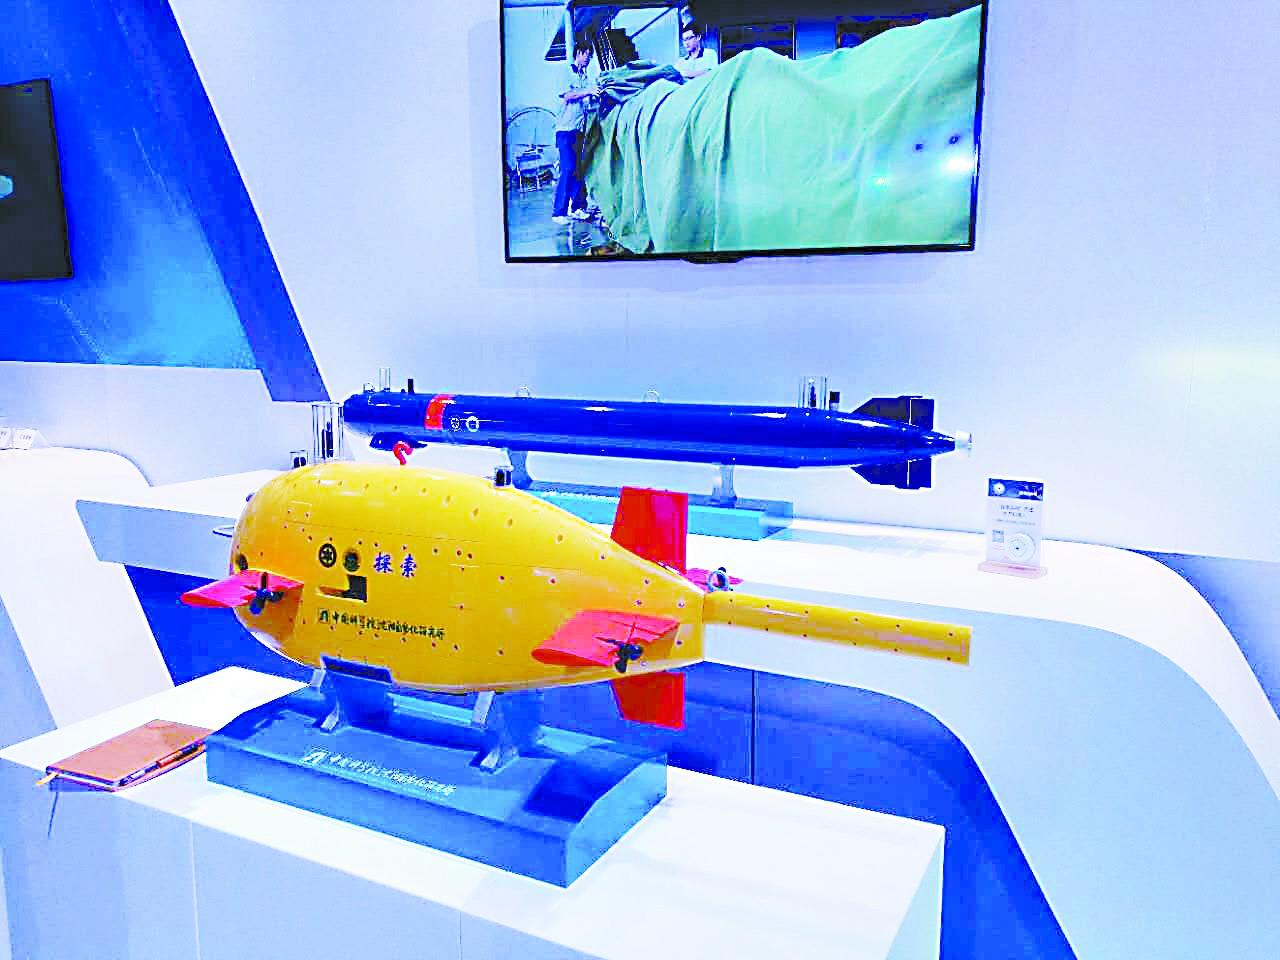 体验军民融合展中黑科技 北斗导航精度定位升级